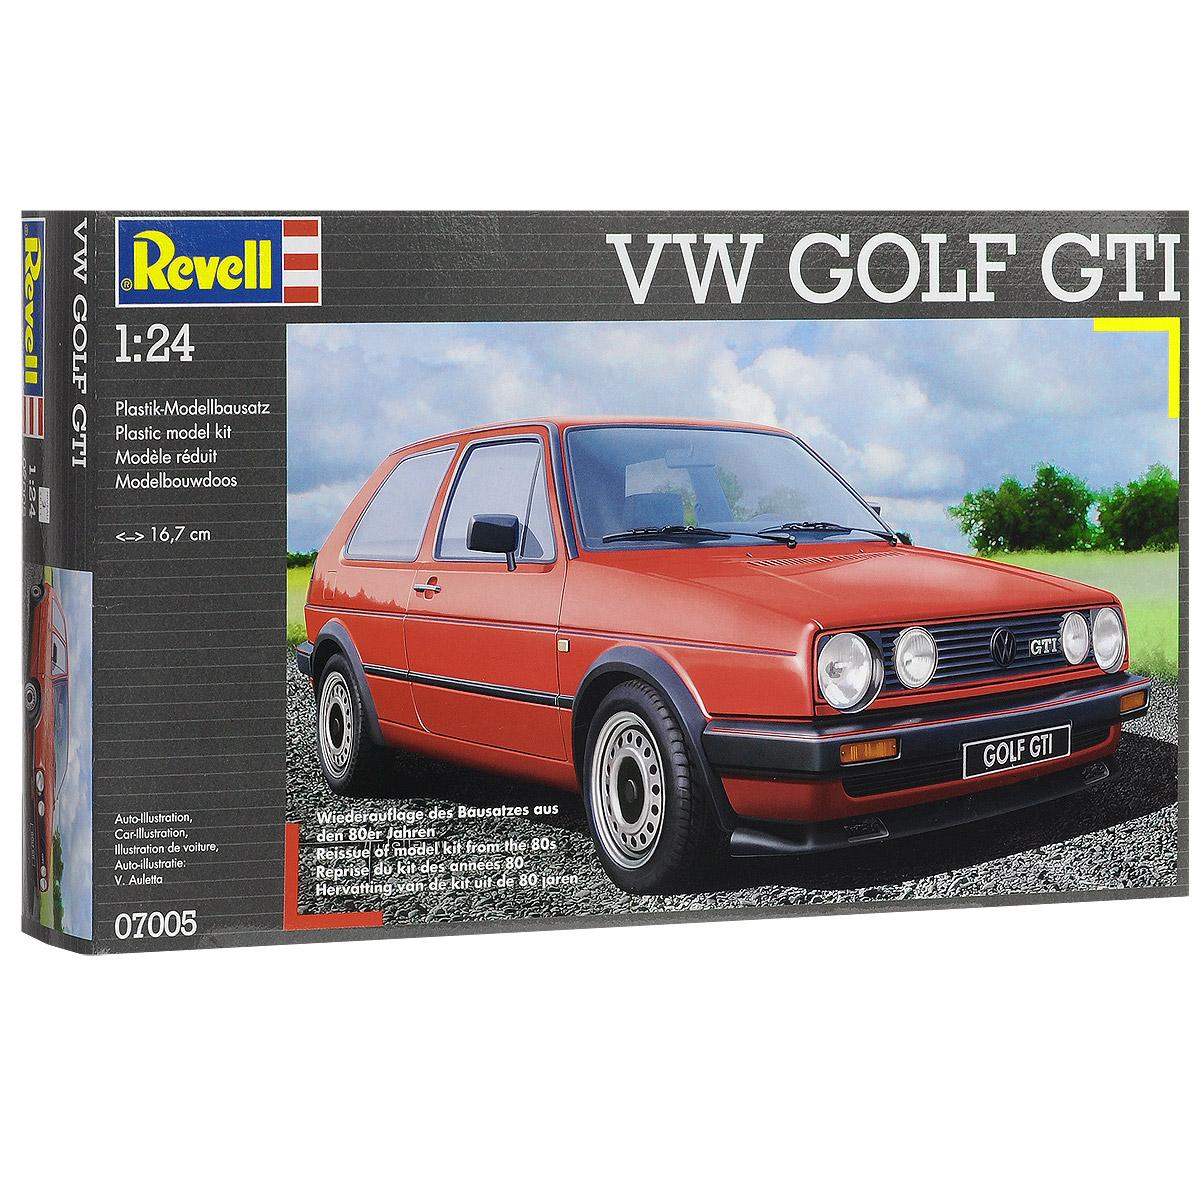 """Сборная модель Revell """"Автомобиль Volkswagen VW Golf GTI"""" поможет вам и вашему ребенку придумать увлекательное занятие на долгое время. Набор включает в себя 67 пластиковых элементов, из которых можно собрать достоверную уменьшенную копию одноименного автомобиля. Volkswagen Golf - автомобиль немецкой компании Volkswagen. Гольф стал самой успешной моделью Фольксвагена, занимает третье место среди самых продаваемых автомобилей, является лидером продаж в Европе. Является родоначальником гольф-класса. Volkswagen Golf был признан Импортным автомобилем года в Японии (2004-2005). В 2013 году Volkswagen Golf седьмого поколения на ежегодном конкурсе """"Всемирный автомобиль года"""" (World Car of the Year или WCotY) был назван лучшим автомобилем года. Также в наборе схематичная инструкция по сборке. Процесс сборки развивает интеллектуальные и инструментальные способности, воображение и конструктивное мышление, а также прививает практические навыки работы со..."""